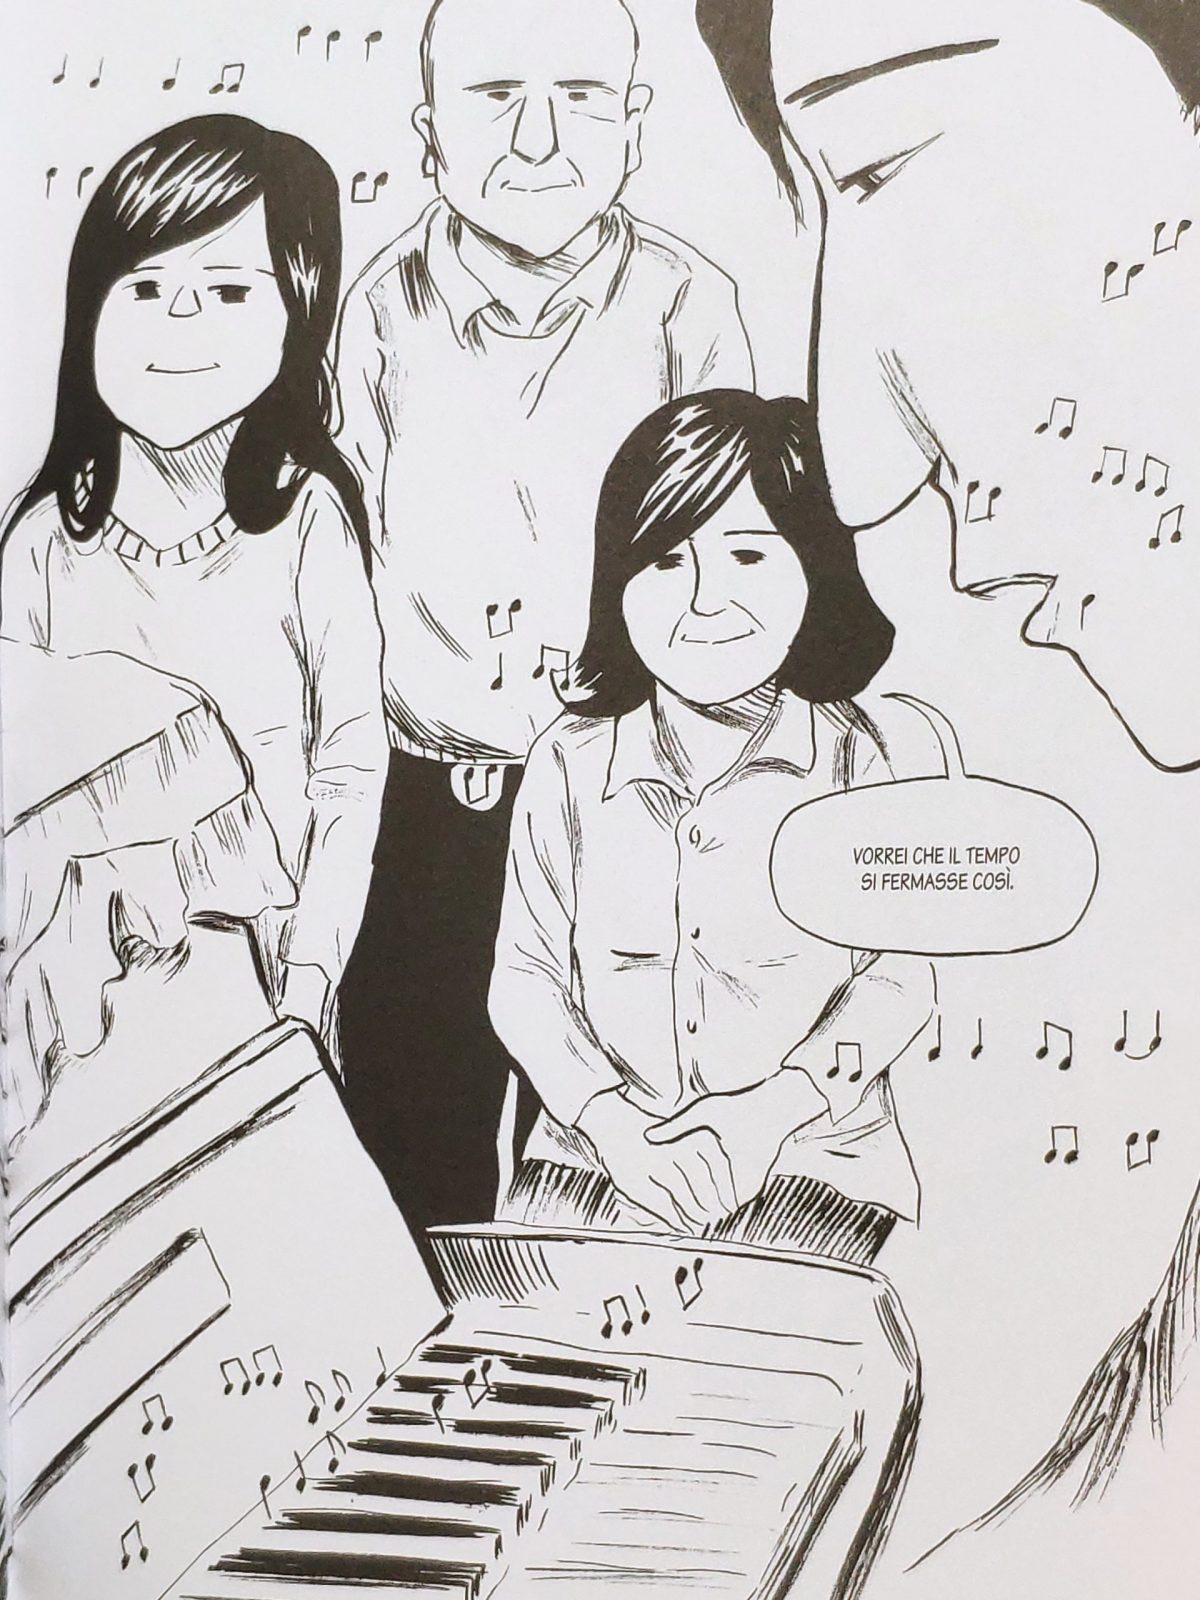 Mio caro fumetto... - La serenità familiare nella musica di Jun